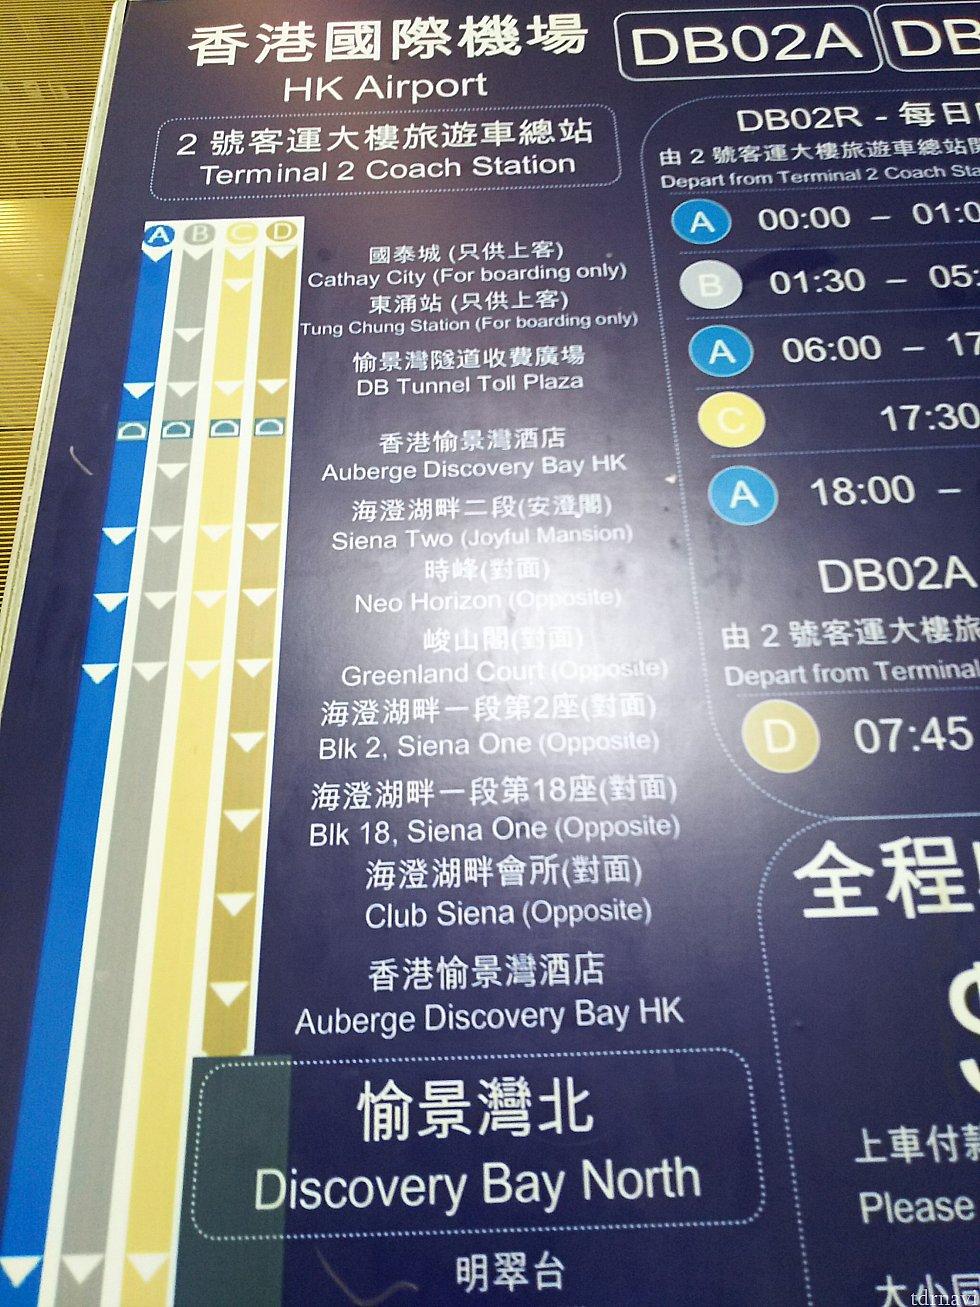 『DB02』の路線図。Dルートの『DB02A』とBルートの『DB02R深夜便』だとホテルに停車します。その他のバスだと2つめ(または3つめ)の『Siena Two』下車⇒徒歩になります。